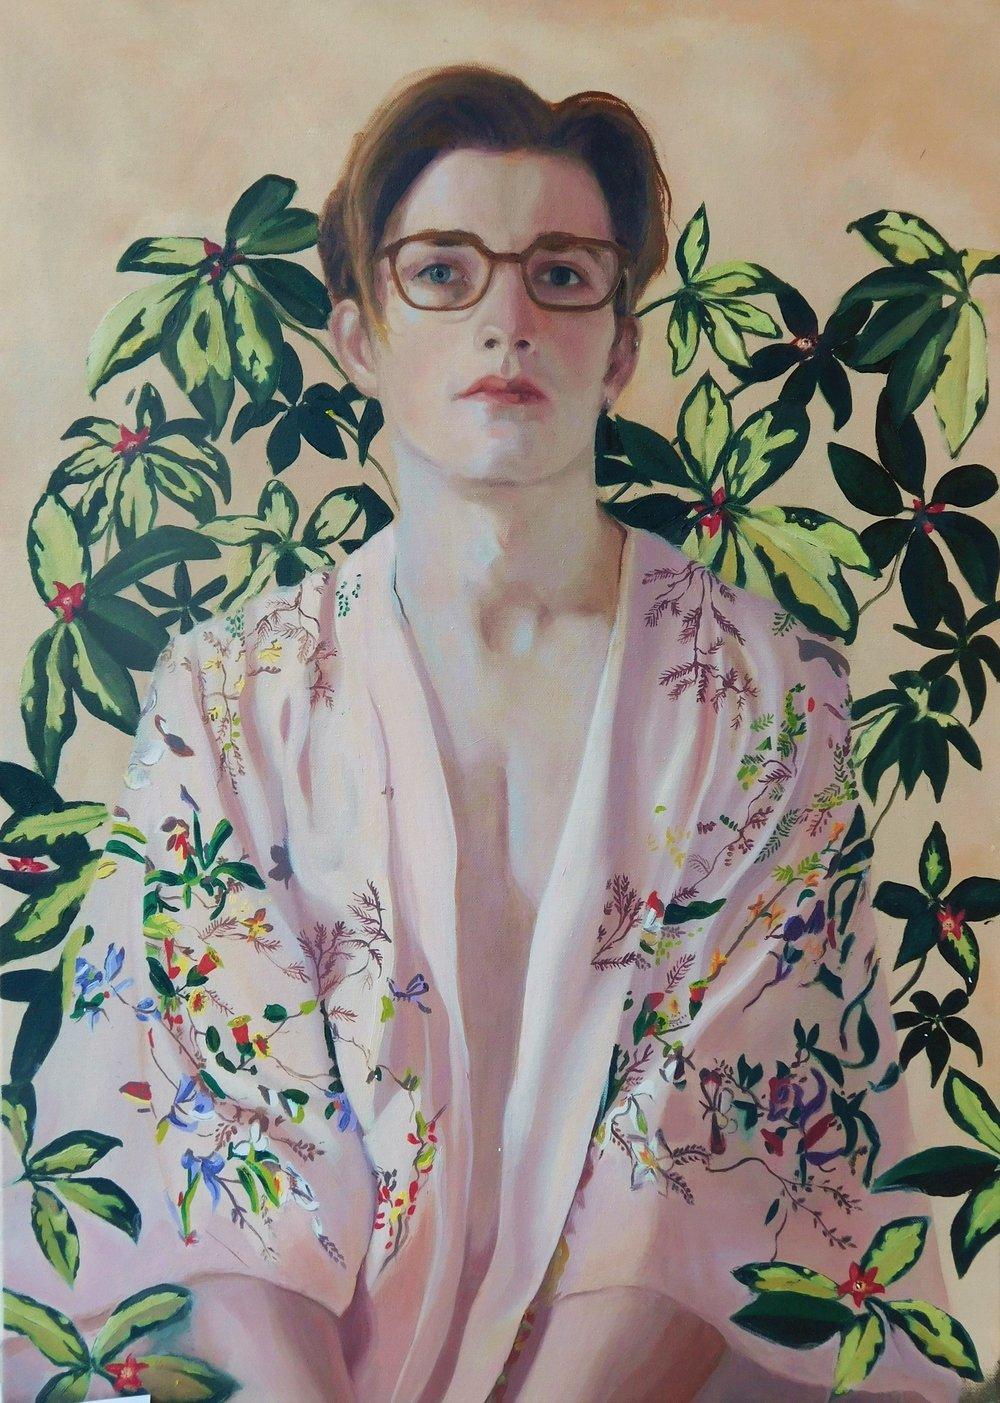 Niall 55 x 75 cm (framed)Oil on canvas £1,500